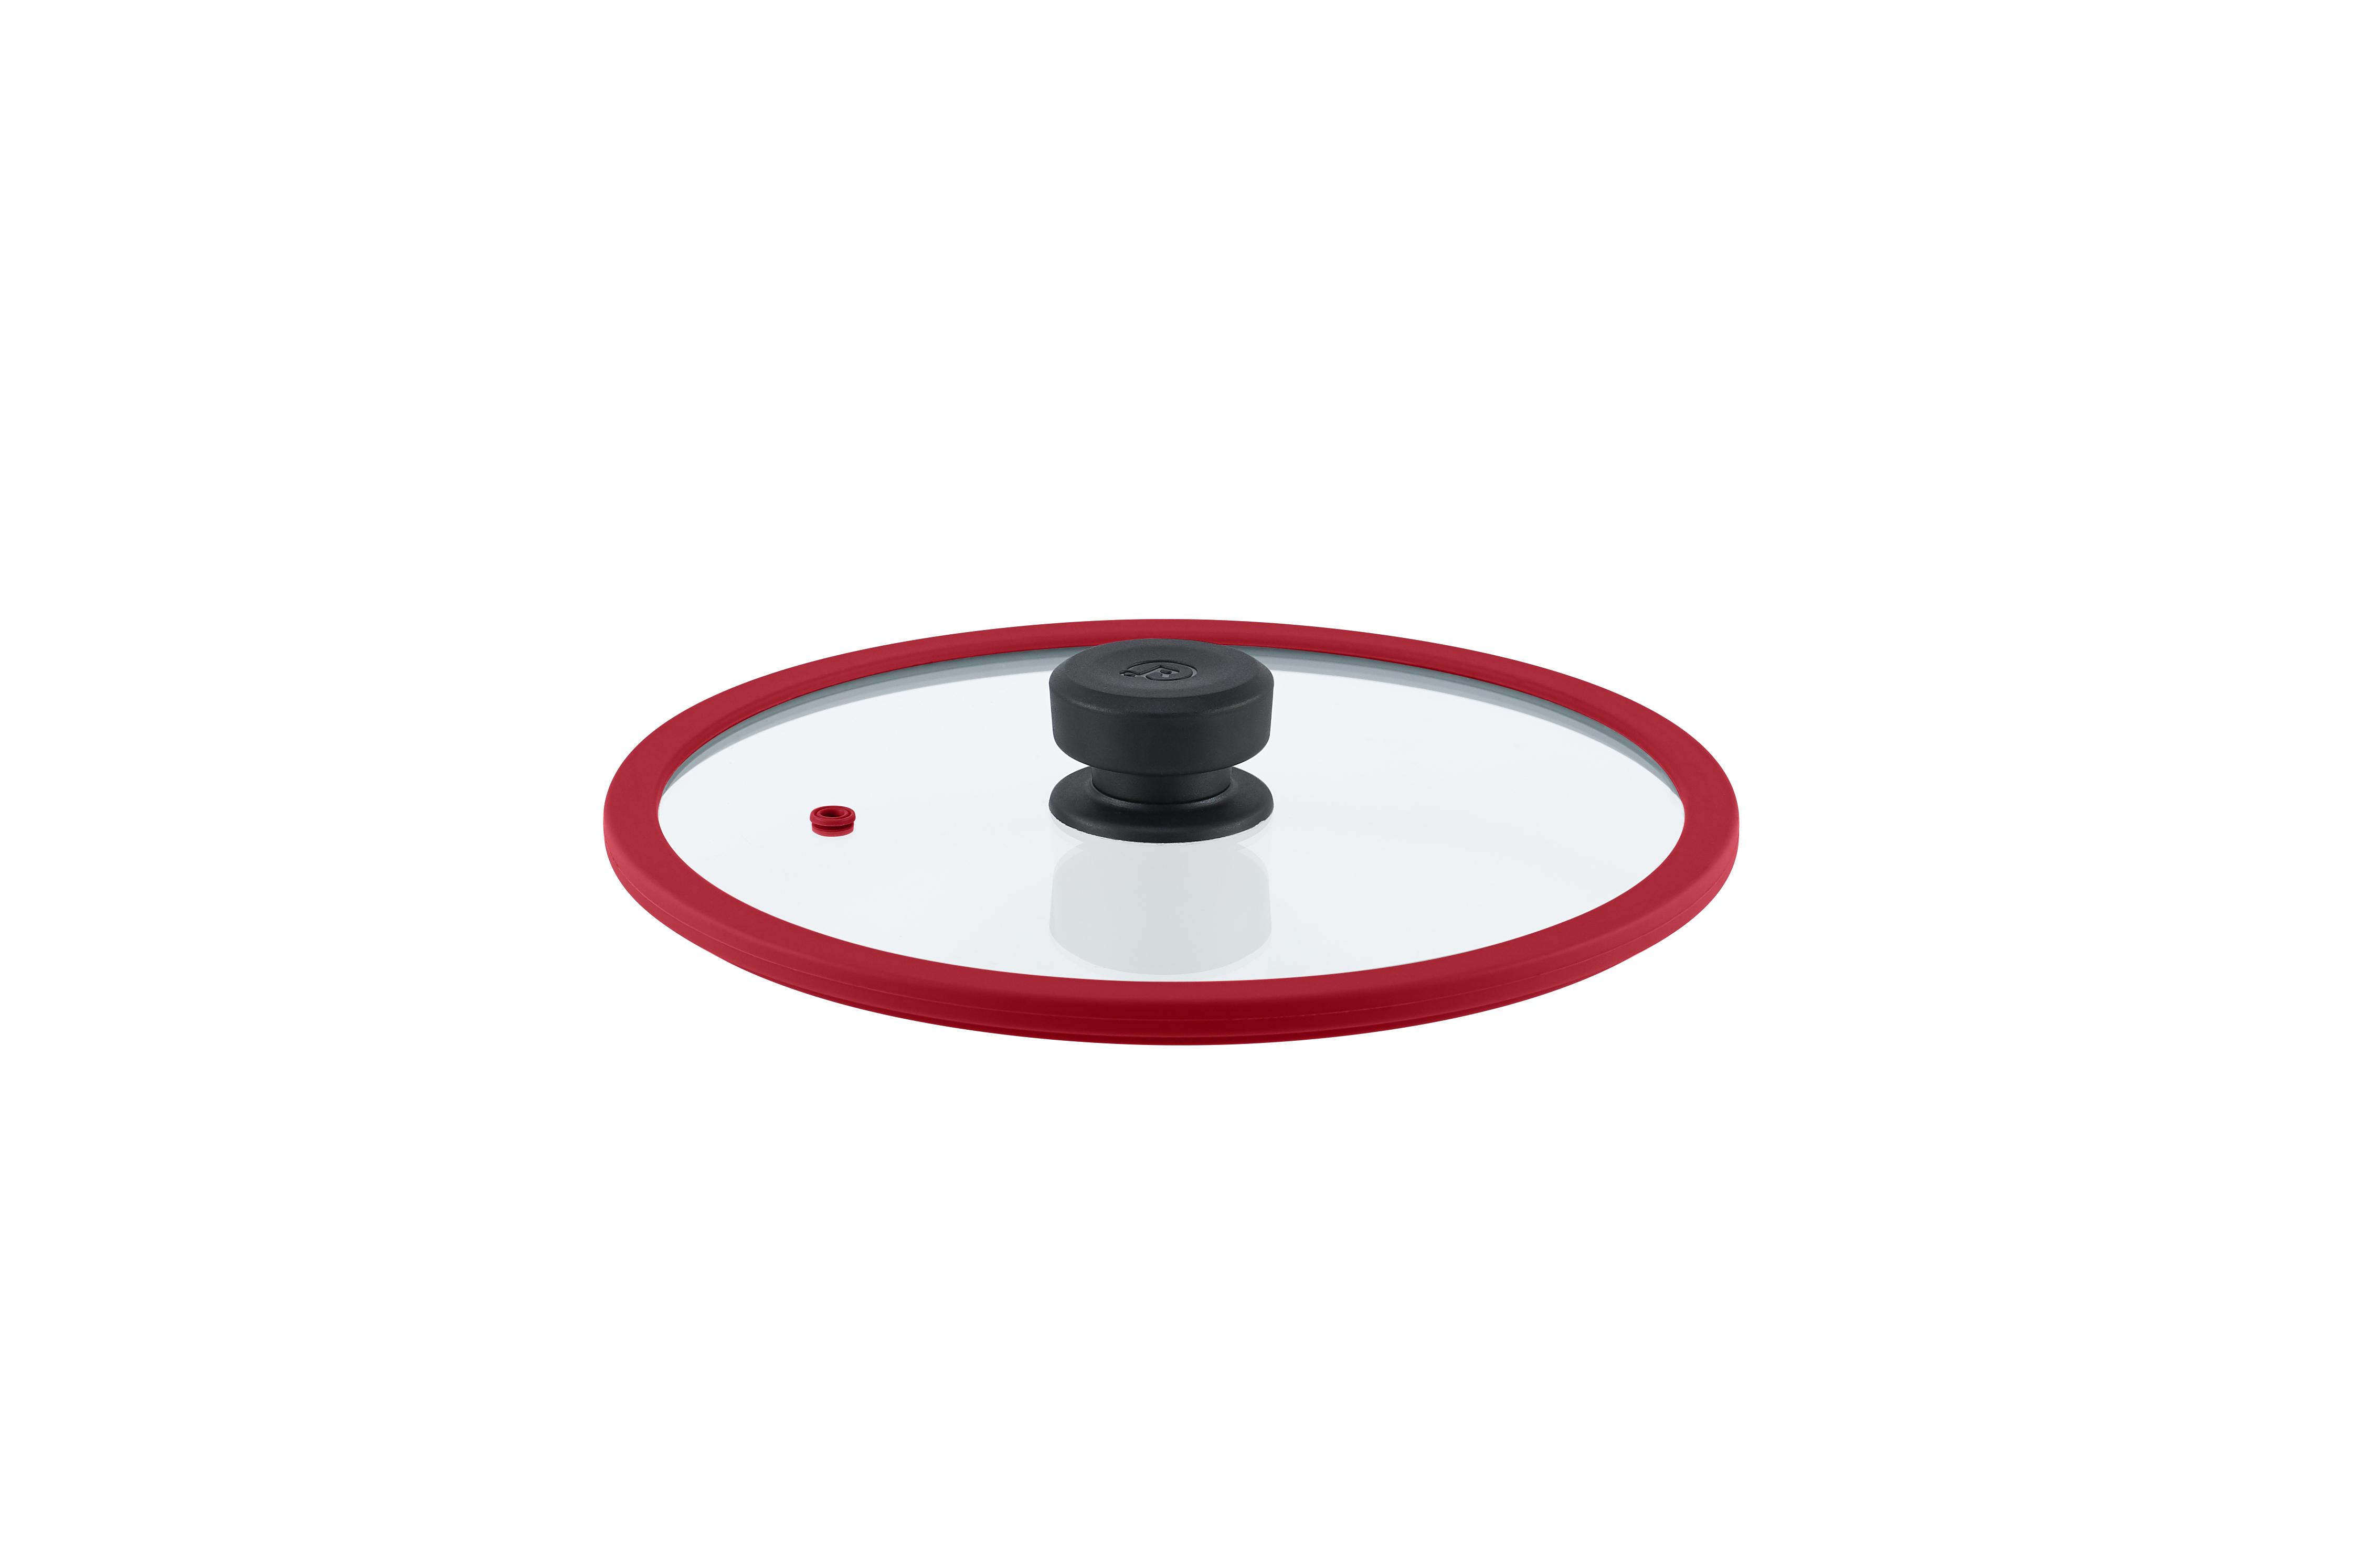 Levně Remoska Vega Skleněná poklice o průměru 28 cm Barva: Červená